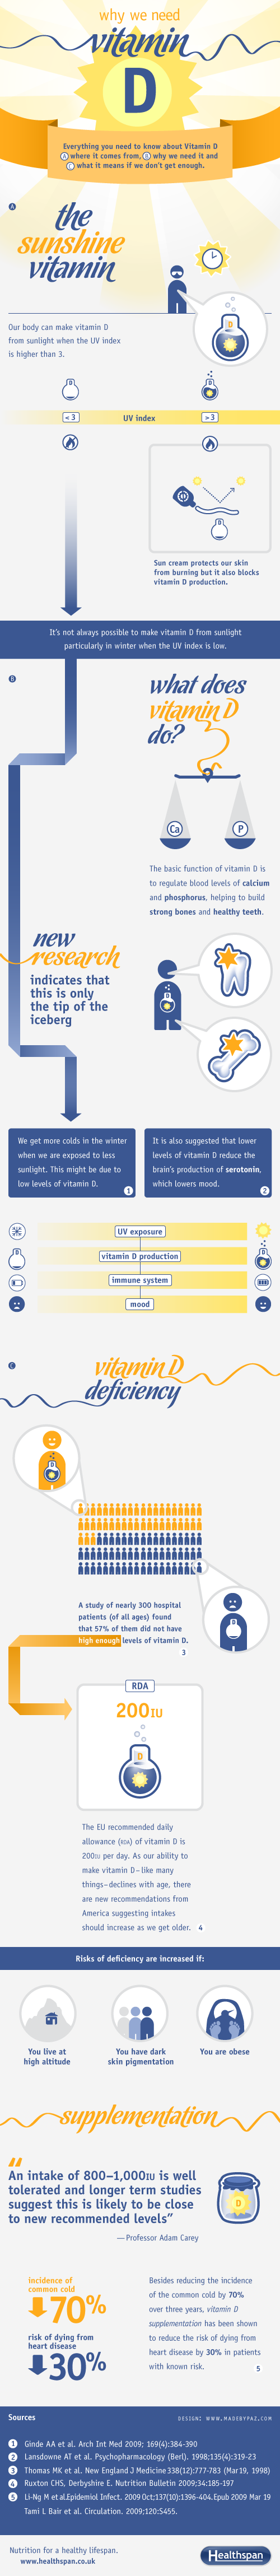 Where do you get vitamin D?